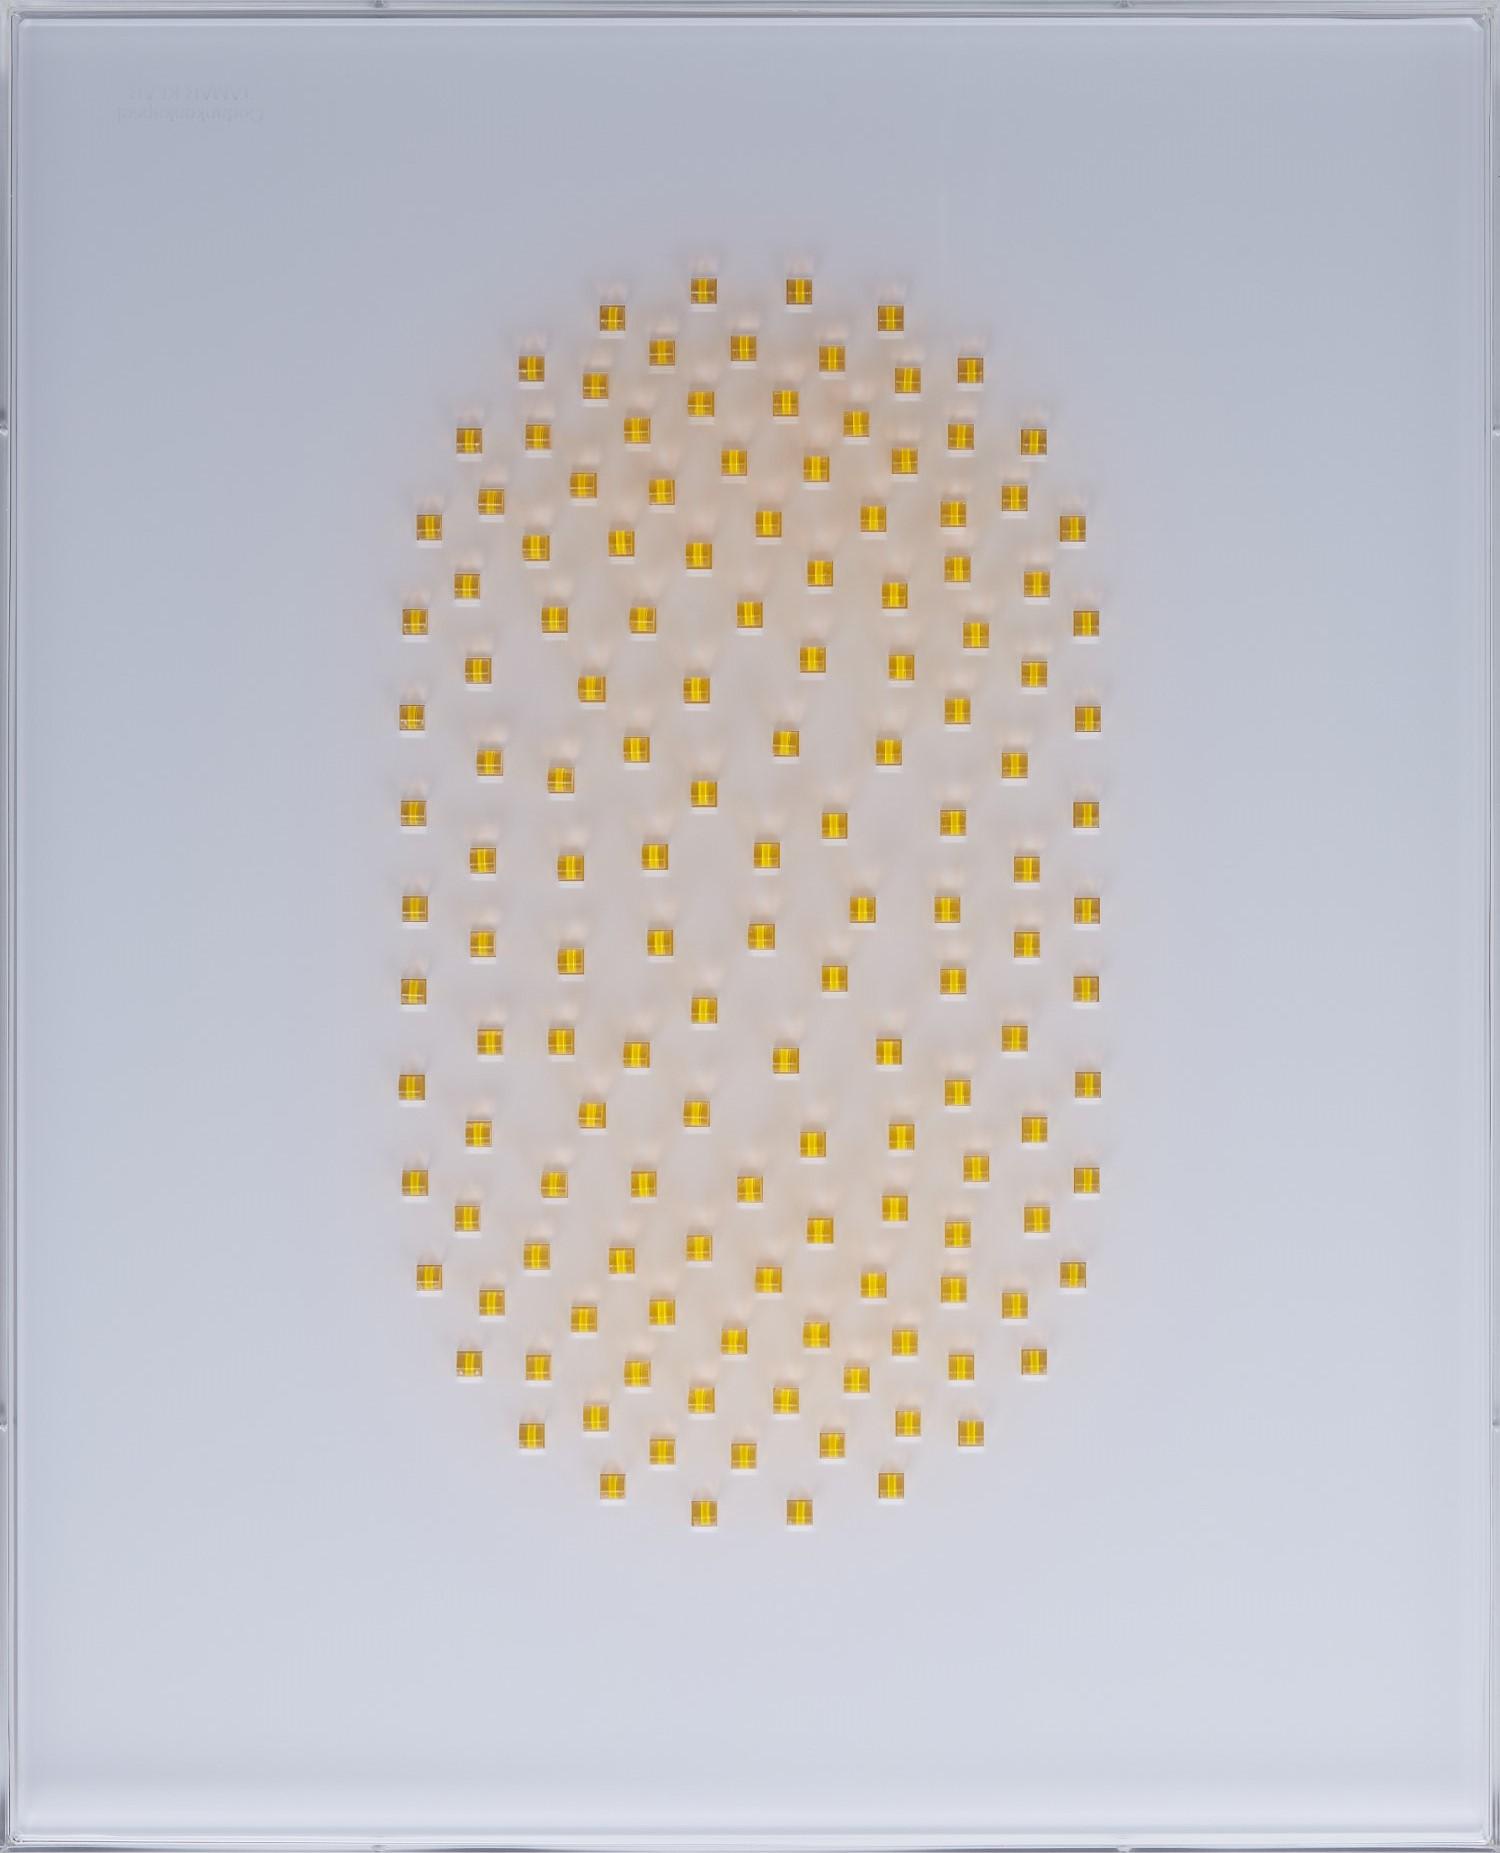 Tamar Klar, Gedankenkapsel, 2017